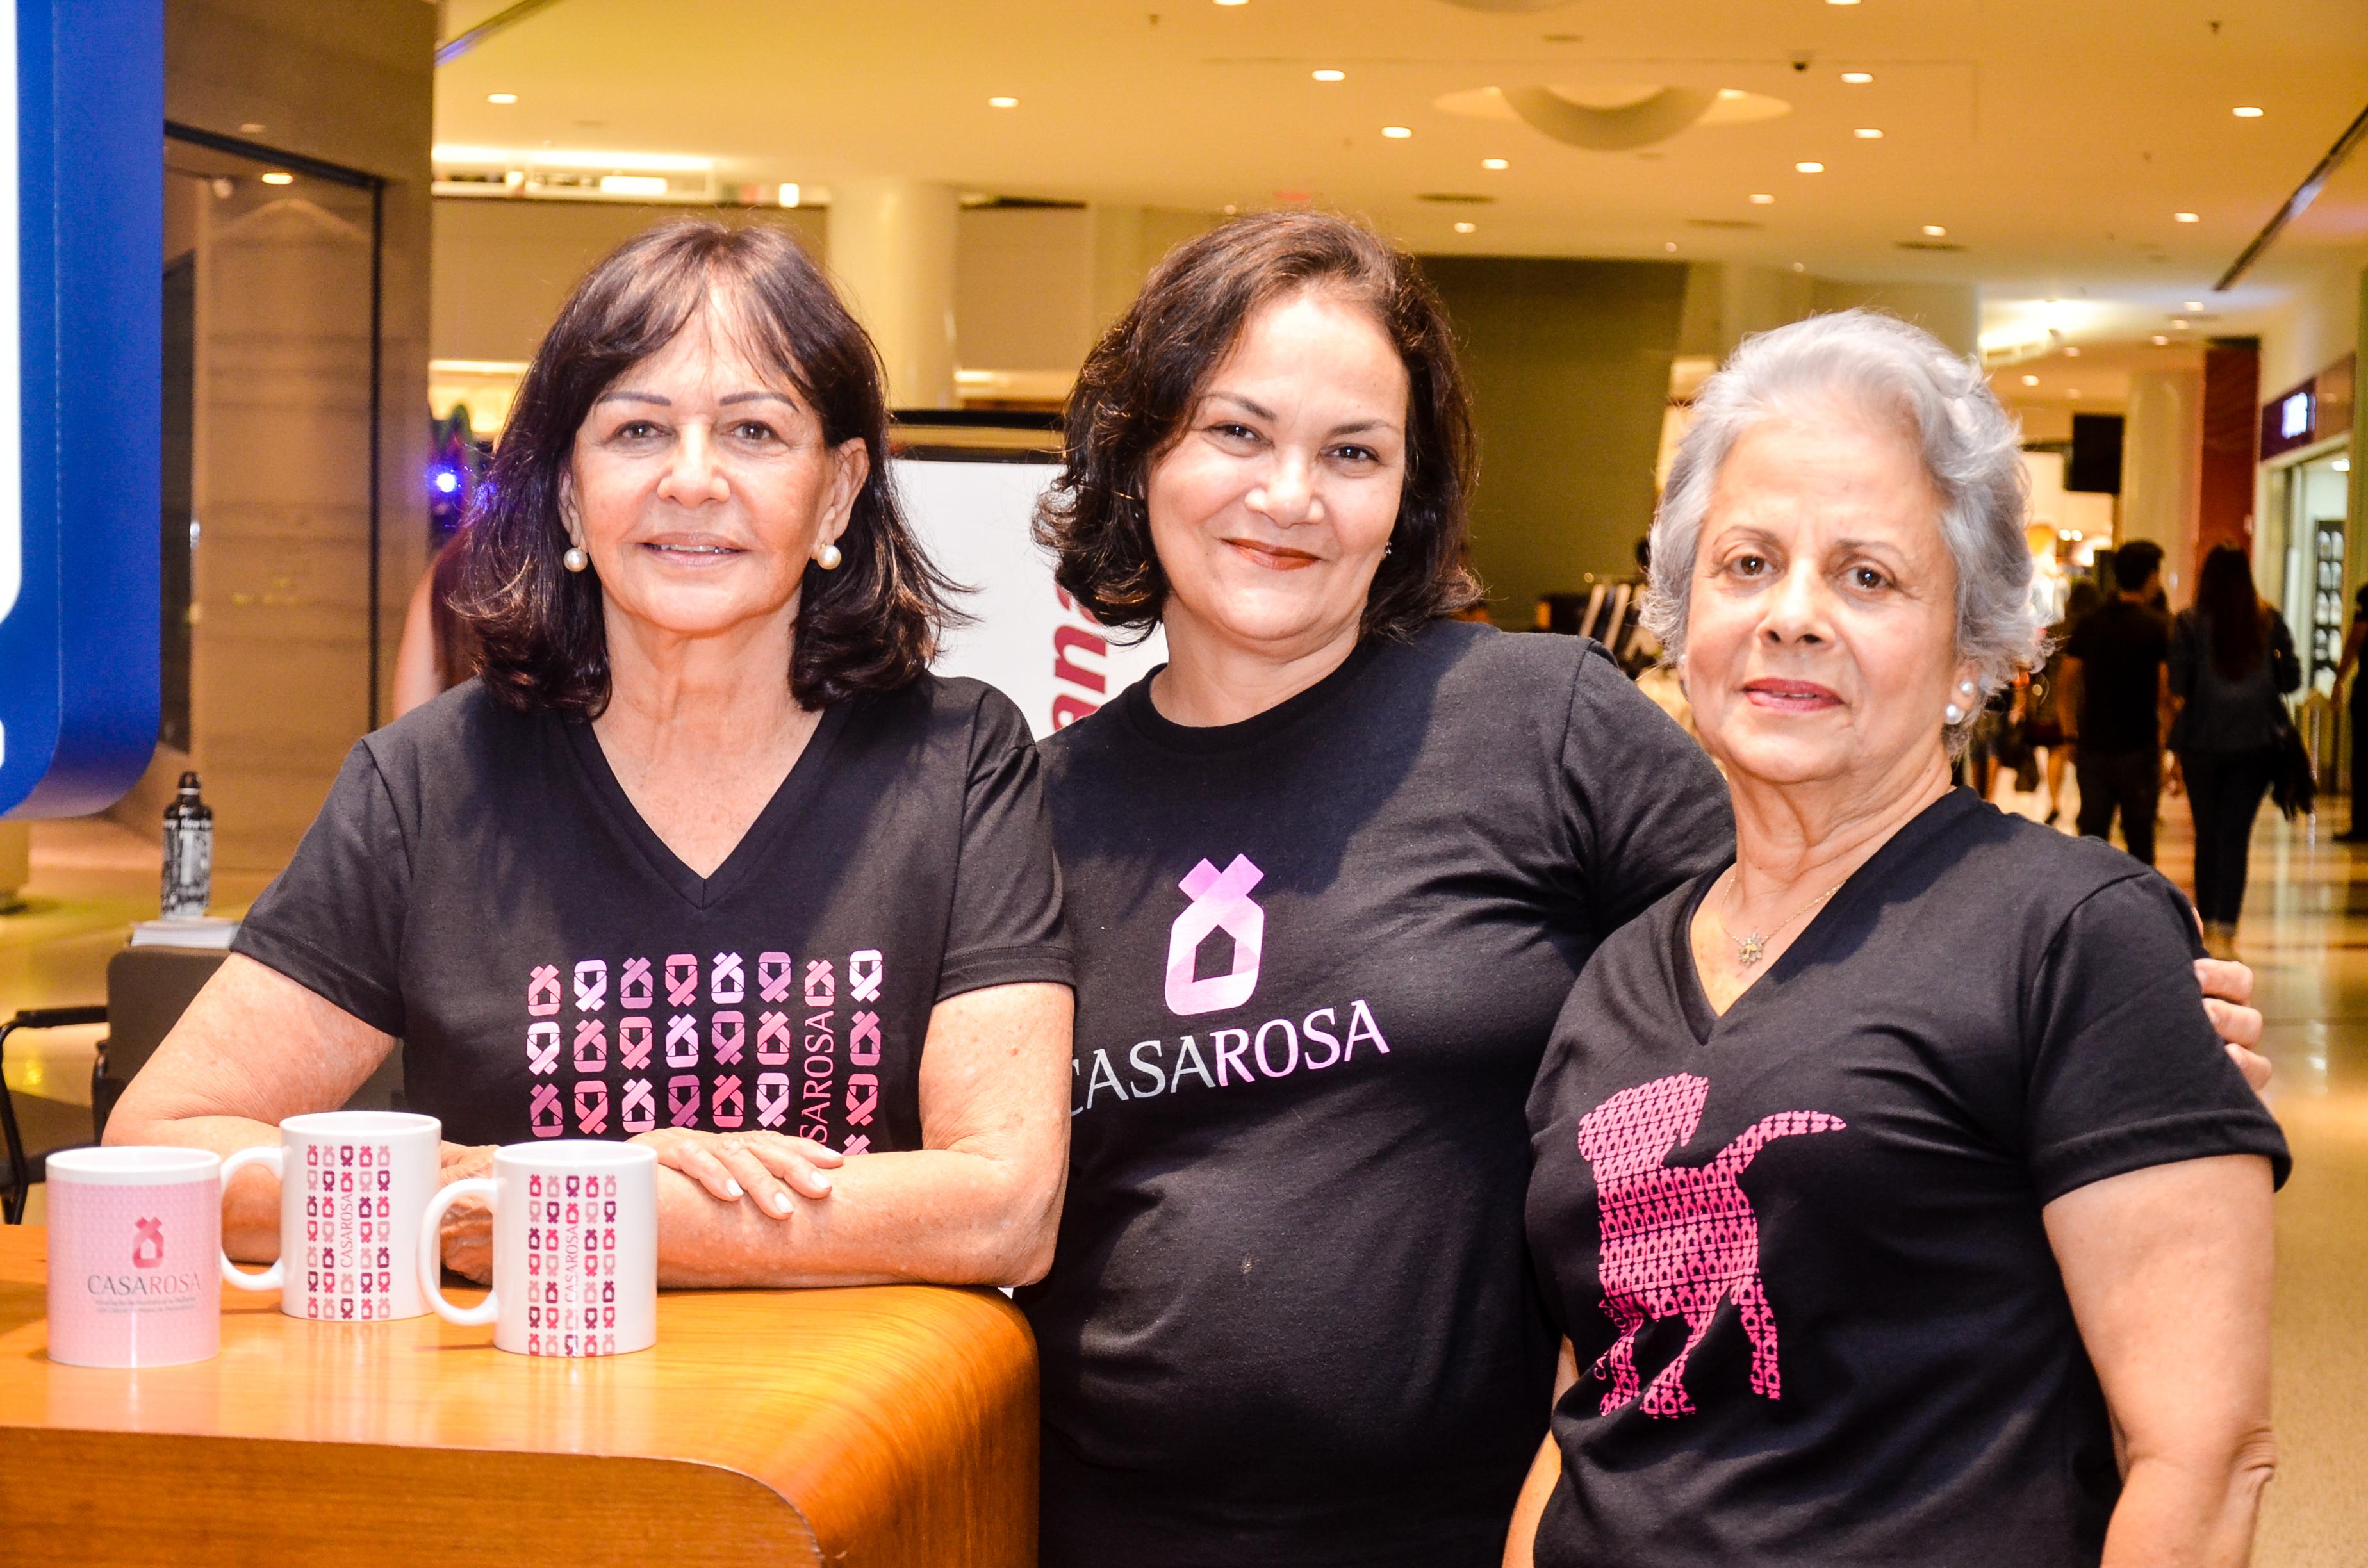 Bruna Trajano, Kadja Camilo e Cristina Maranhão. Crédito: Casa Rosa / Divulgação